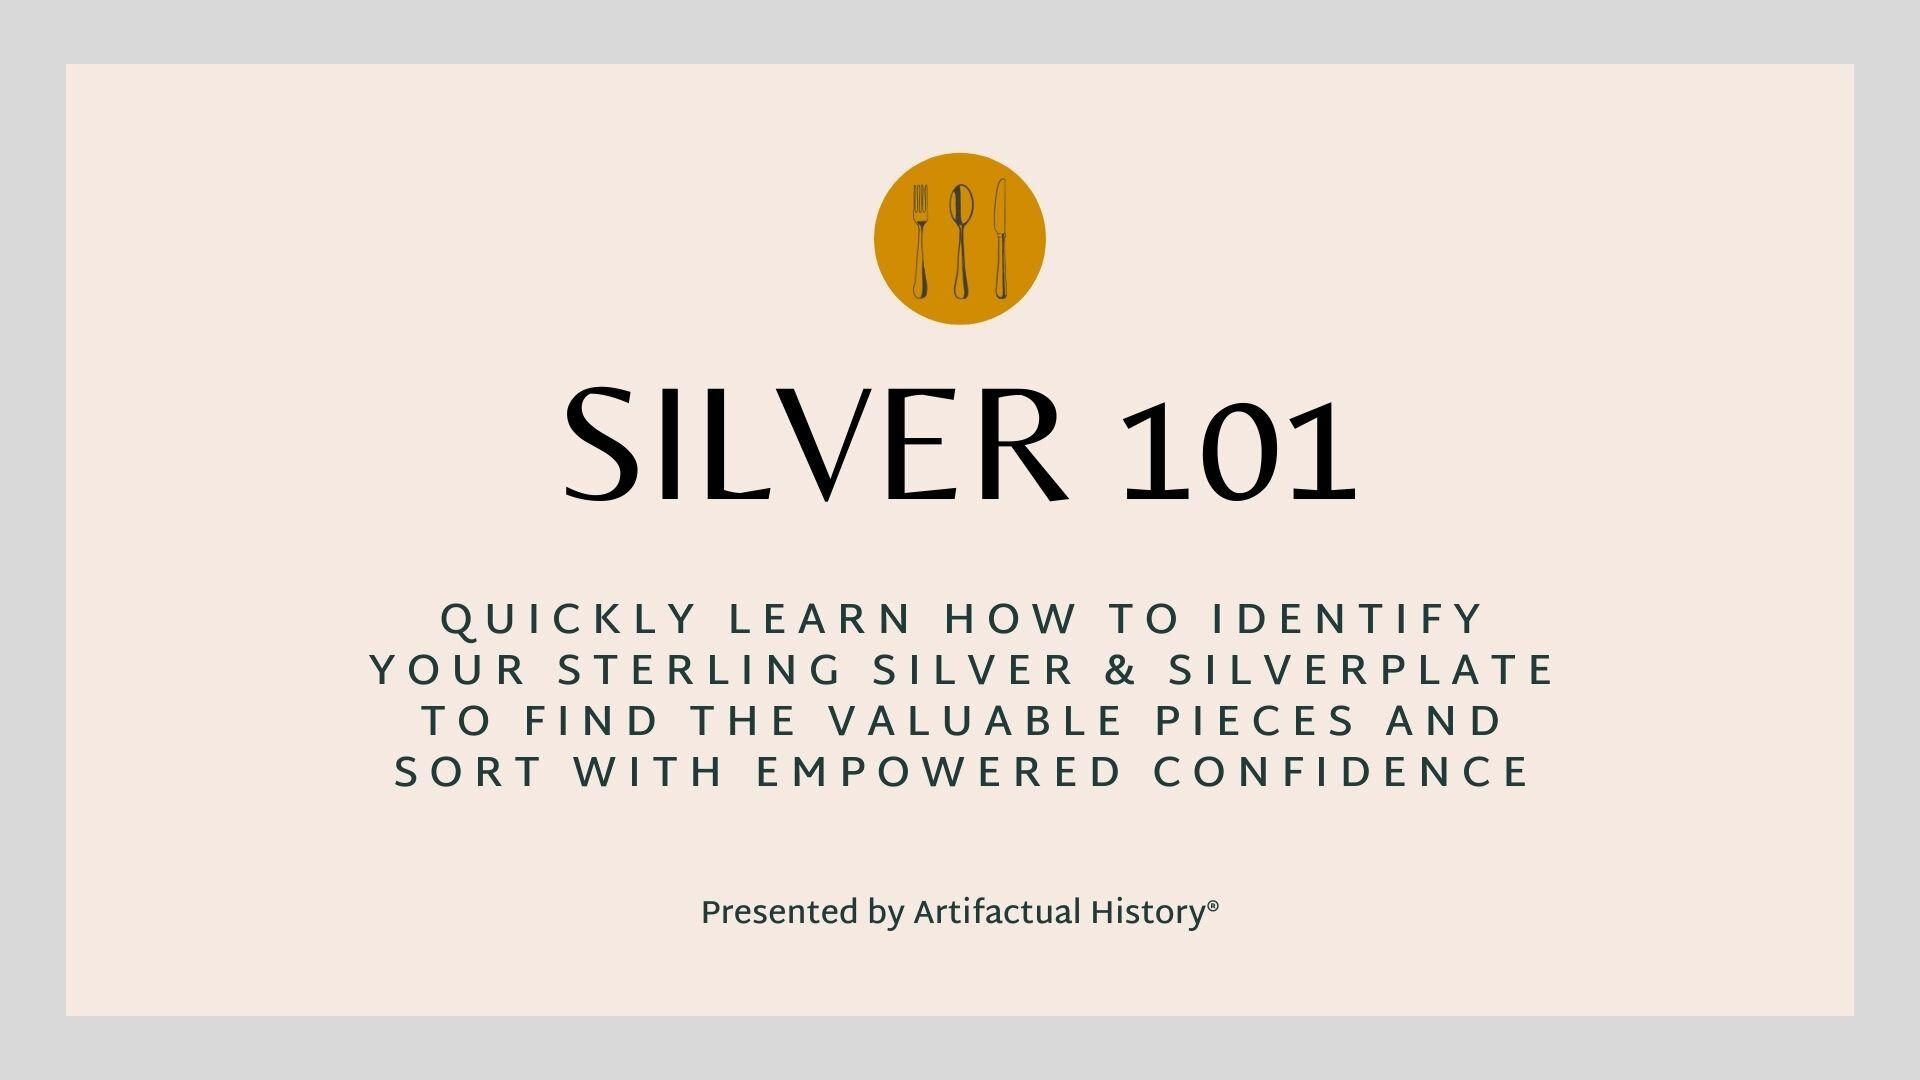 Silver 101